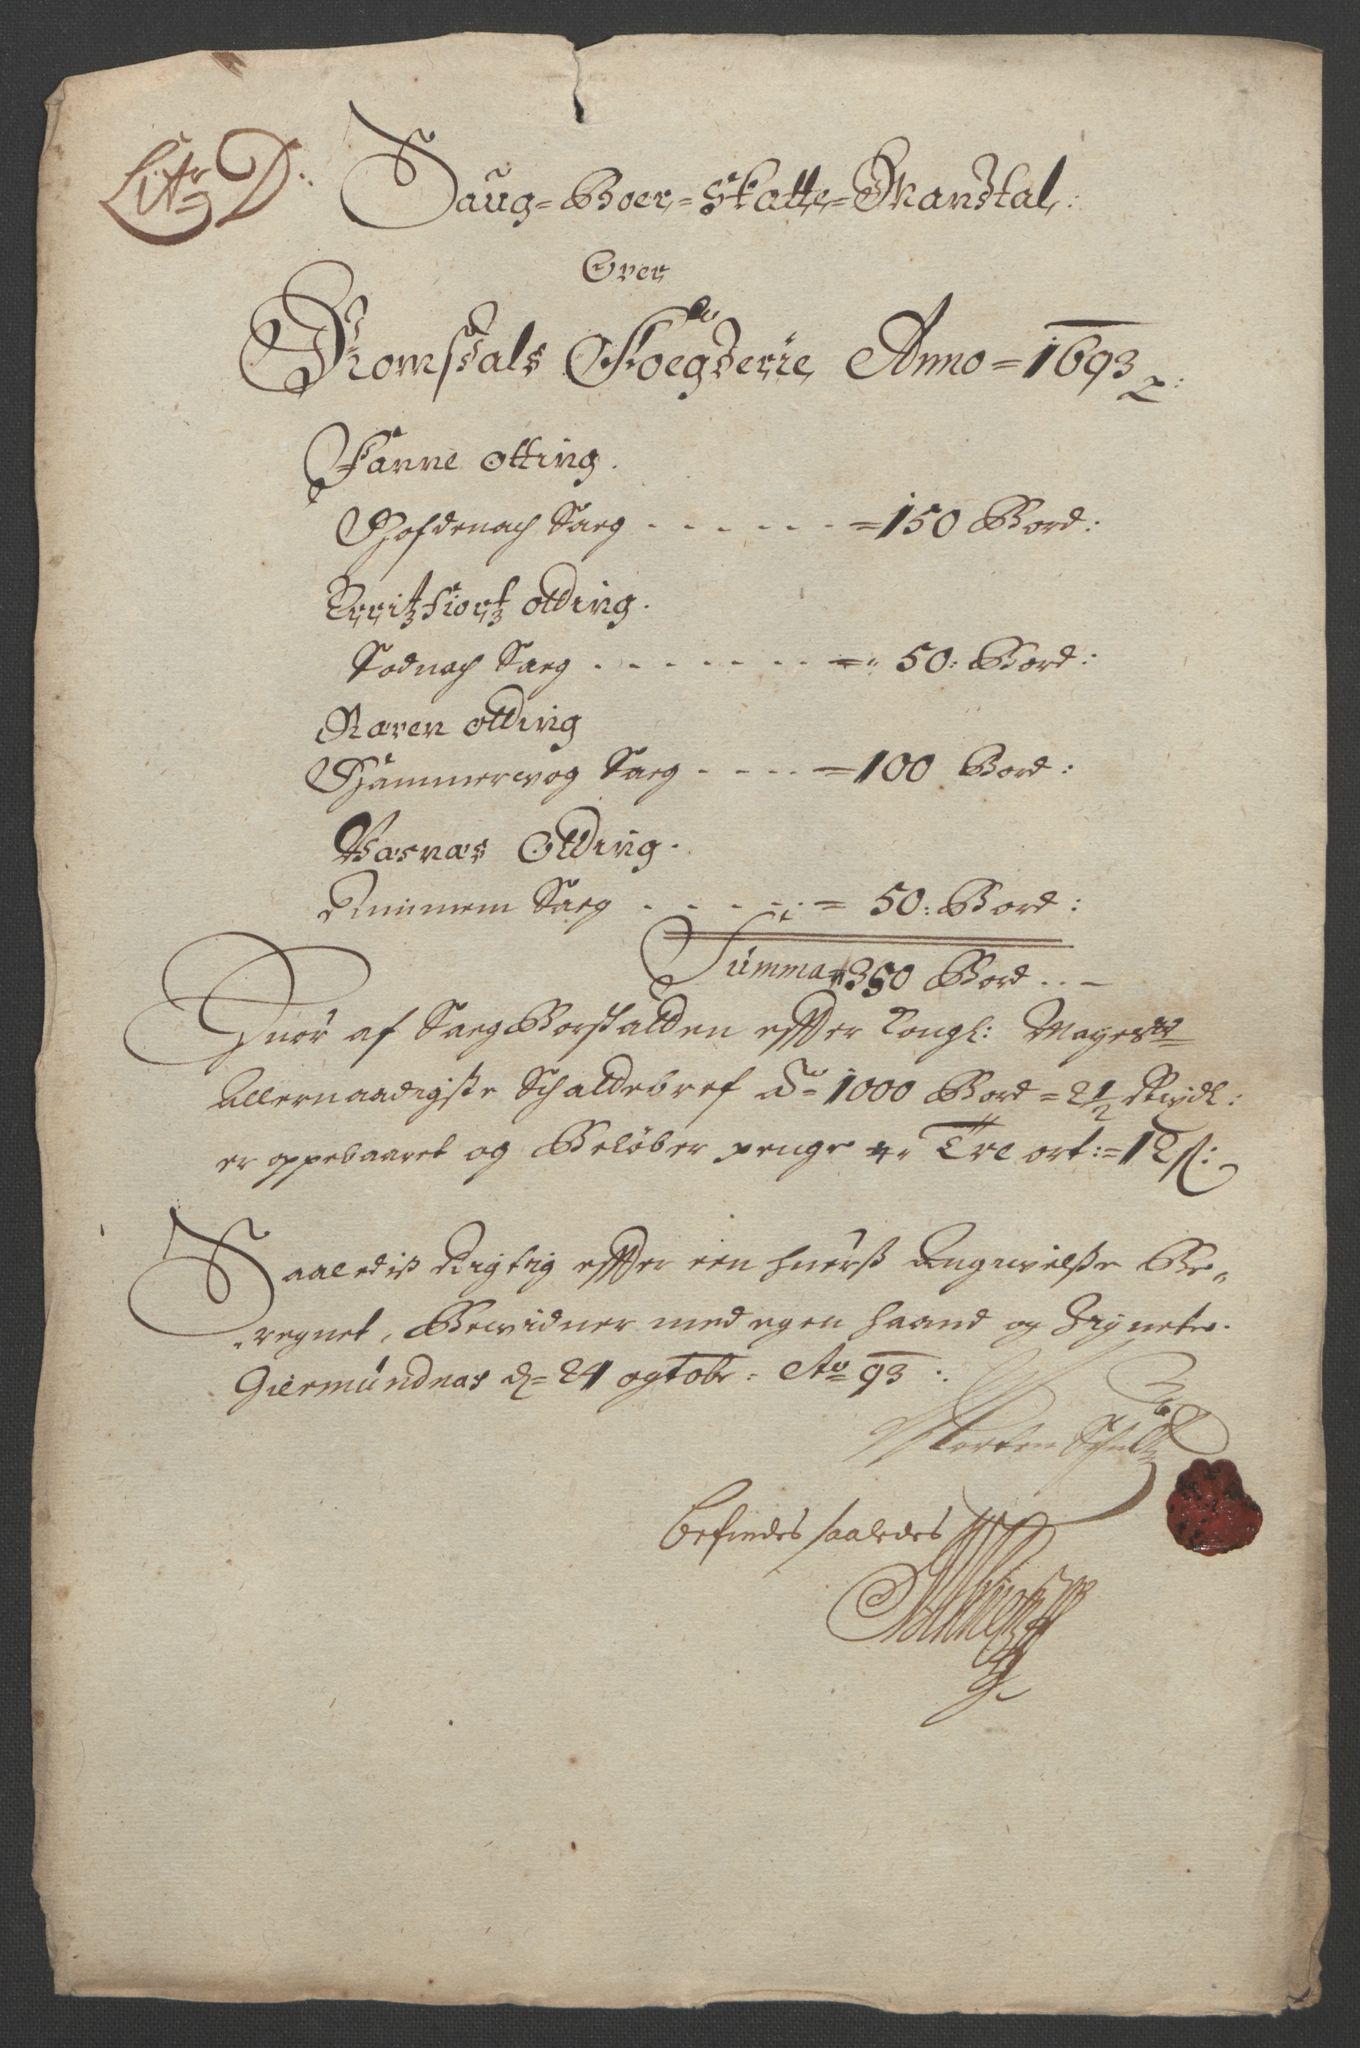 RA, Rentekammeret inntil 1814, Reviderte regnskaper, Fogderegnskap, R55/L3651: Fogderegnskap Romsdal, 1693-1694, s. 72